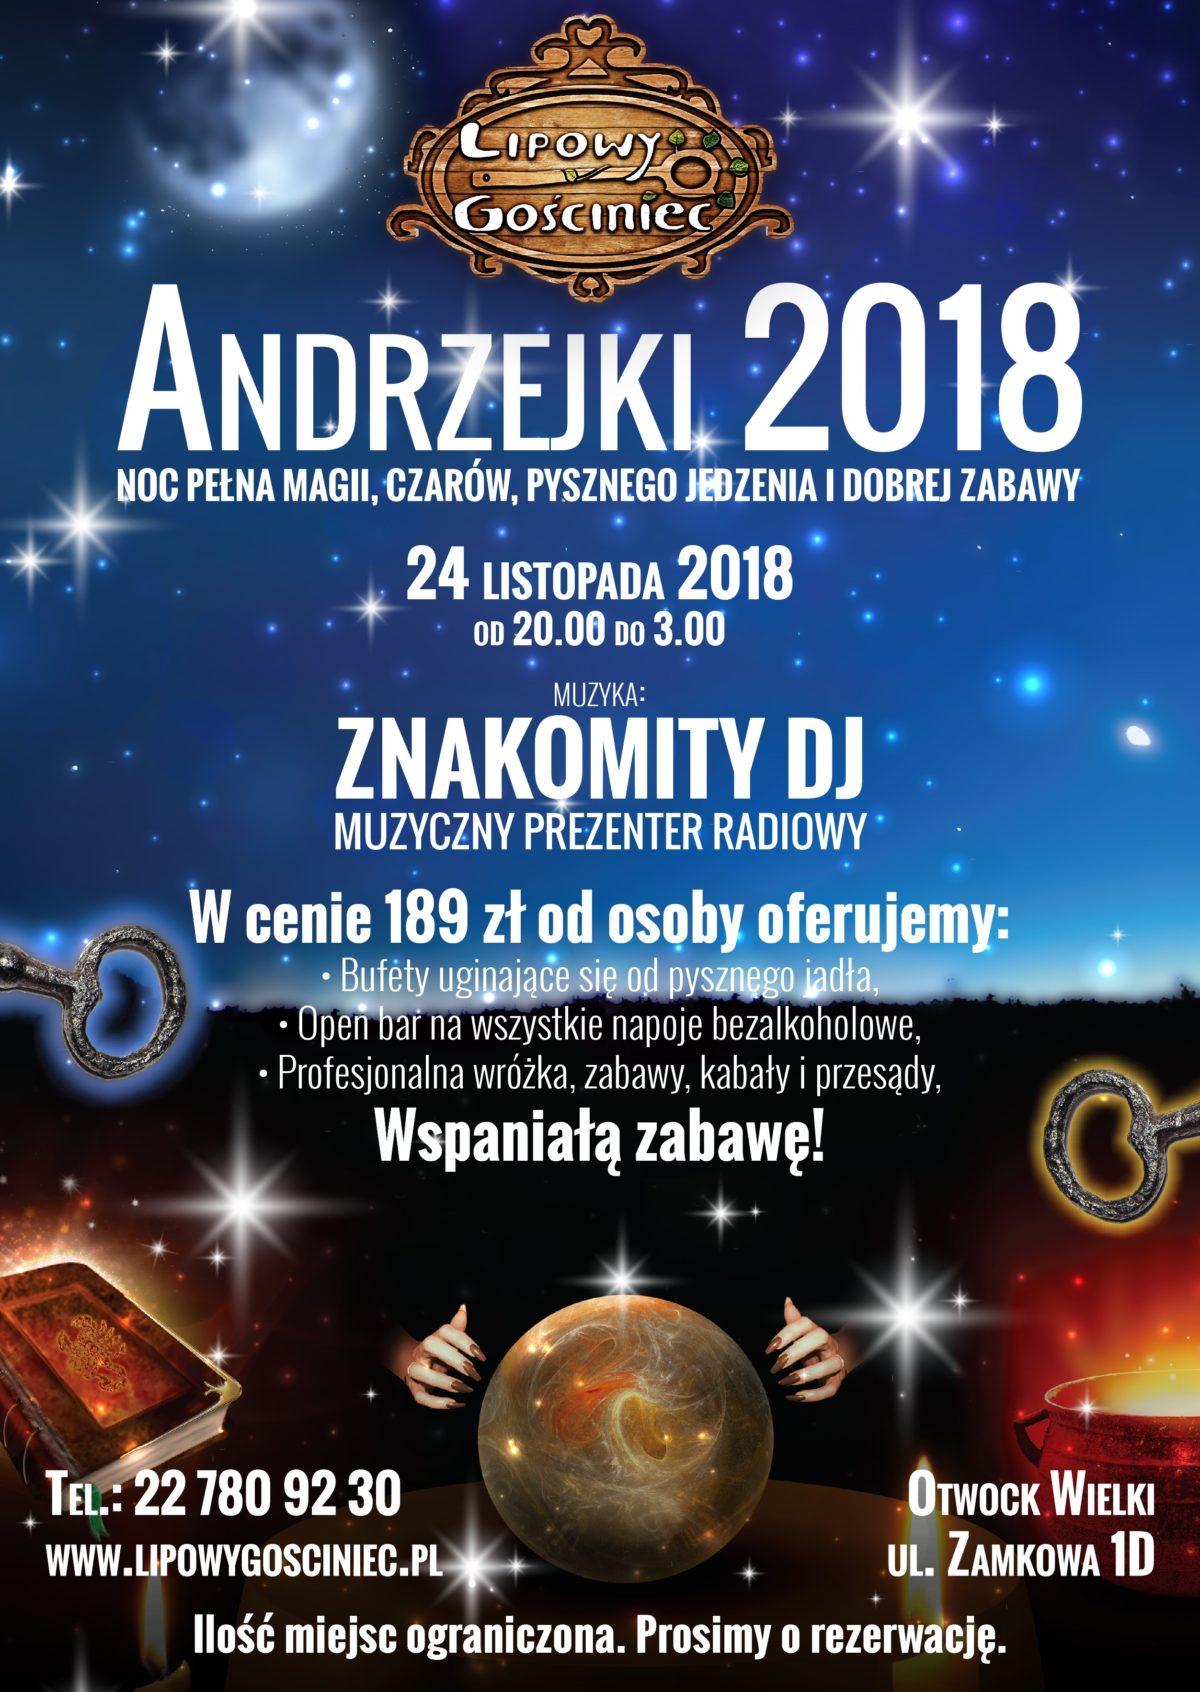 Andrzejki 24.11.2018 r.